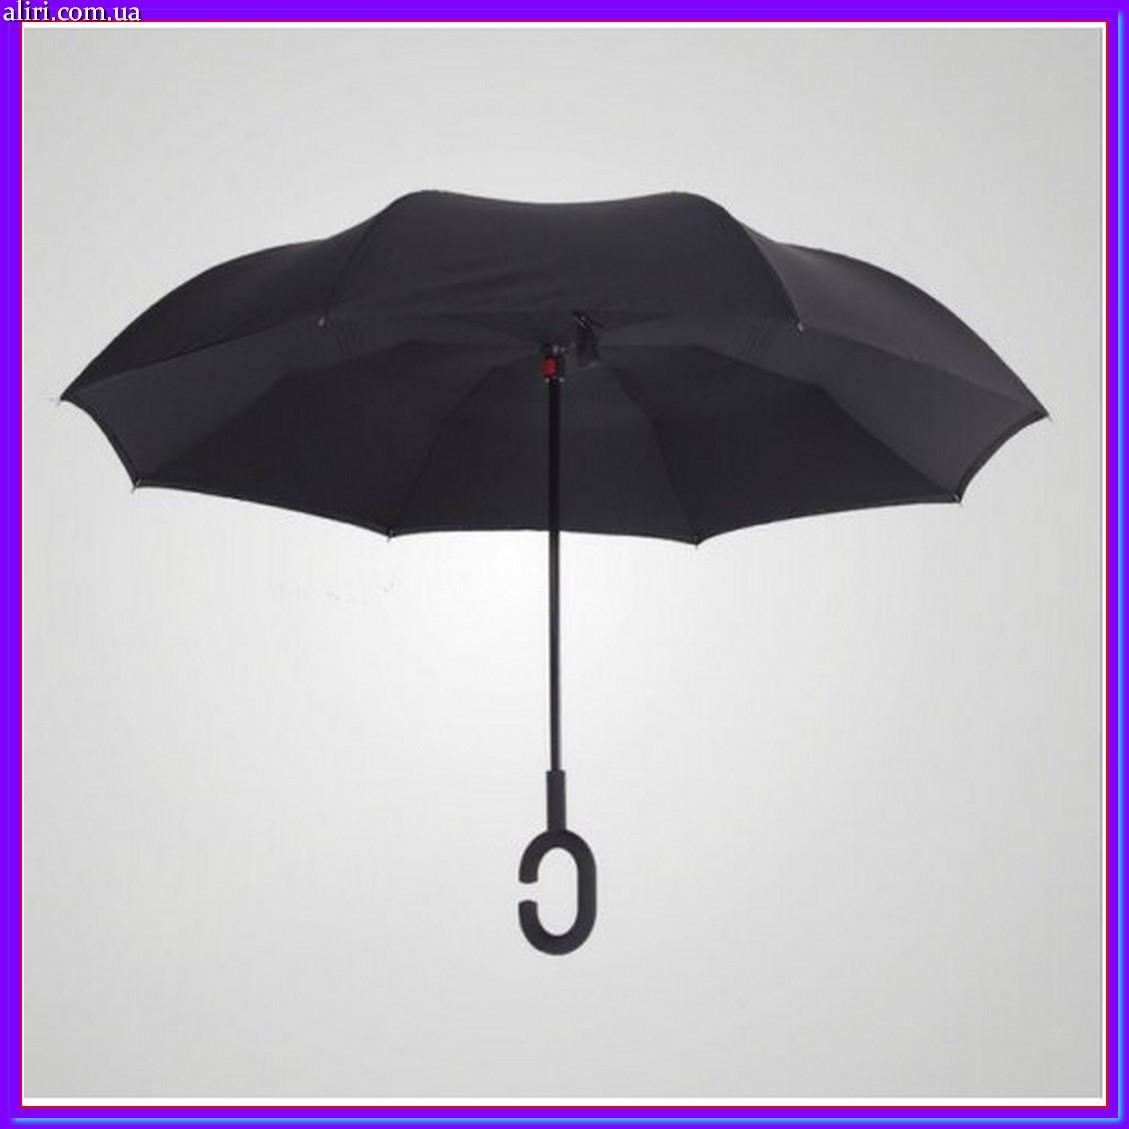 Обратный двухсторонний зонт Ангел